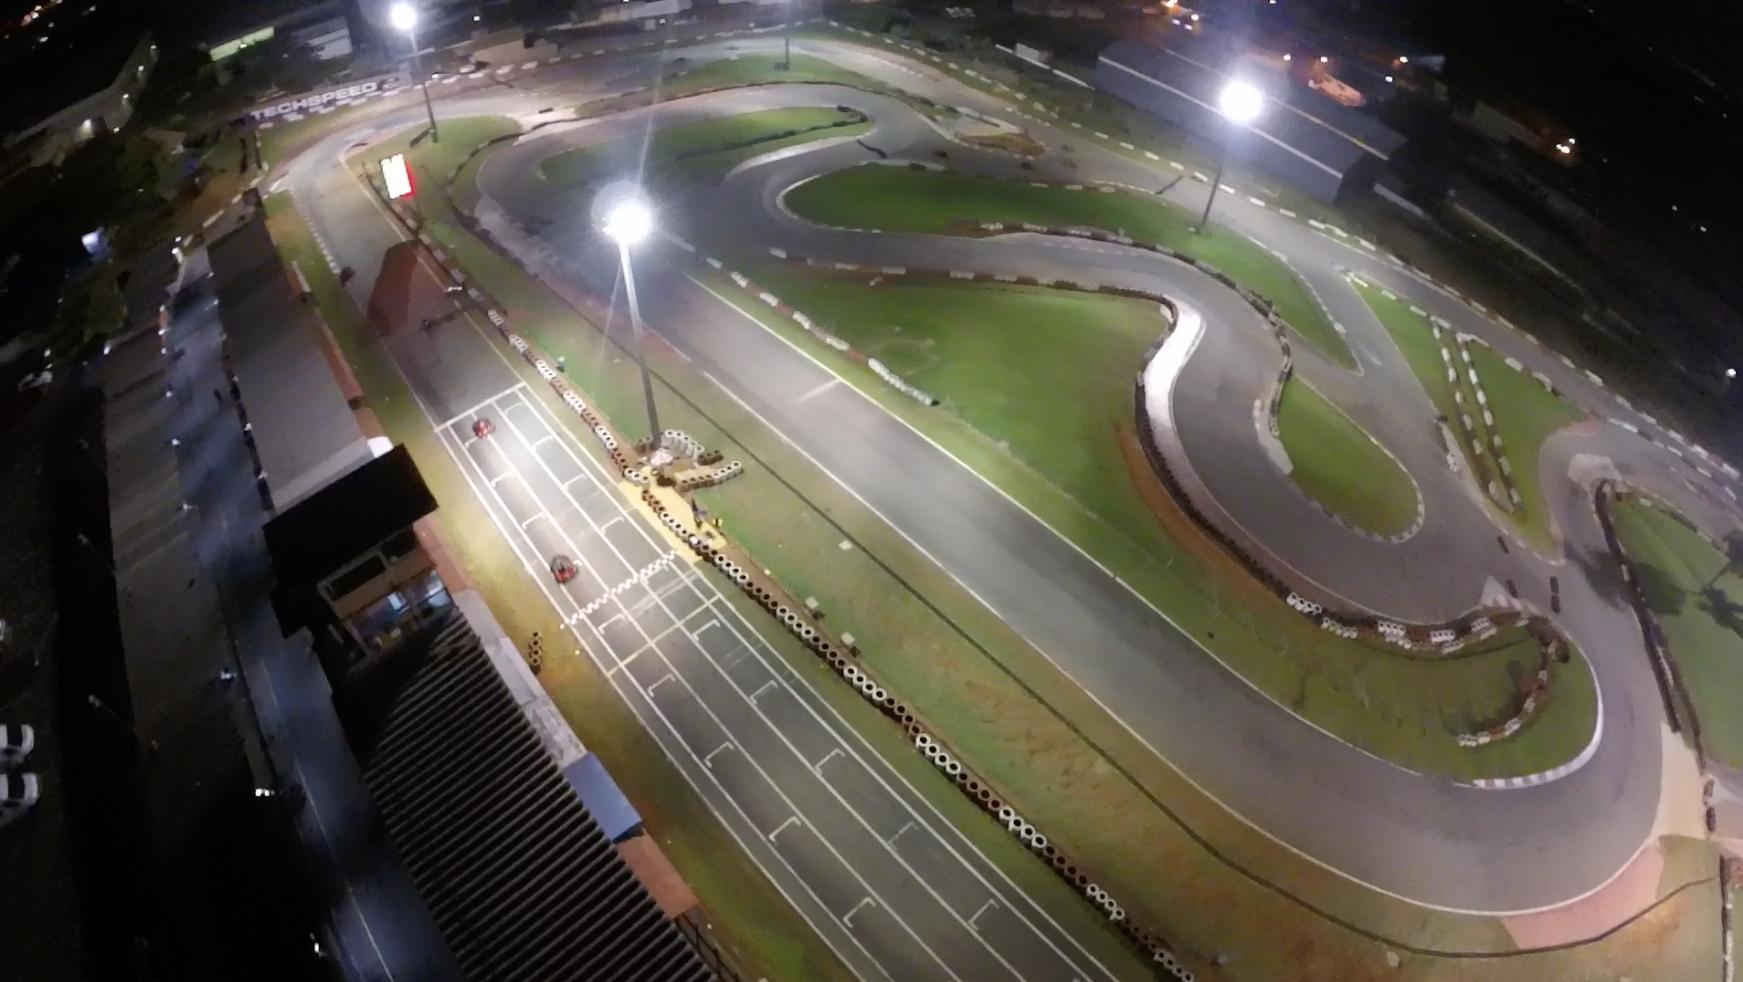 Kartódromo Granja Vianna